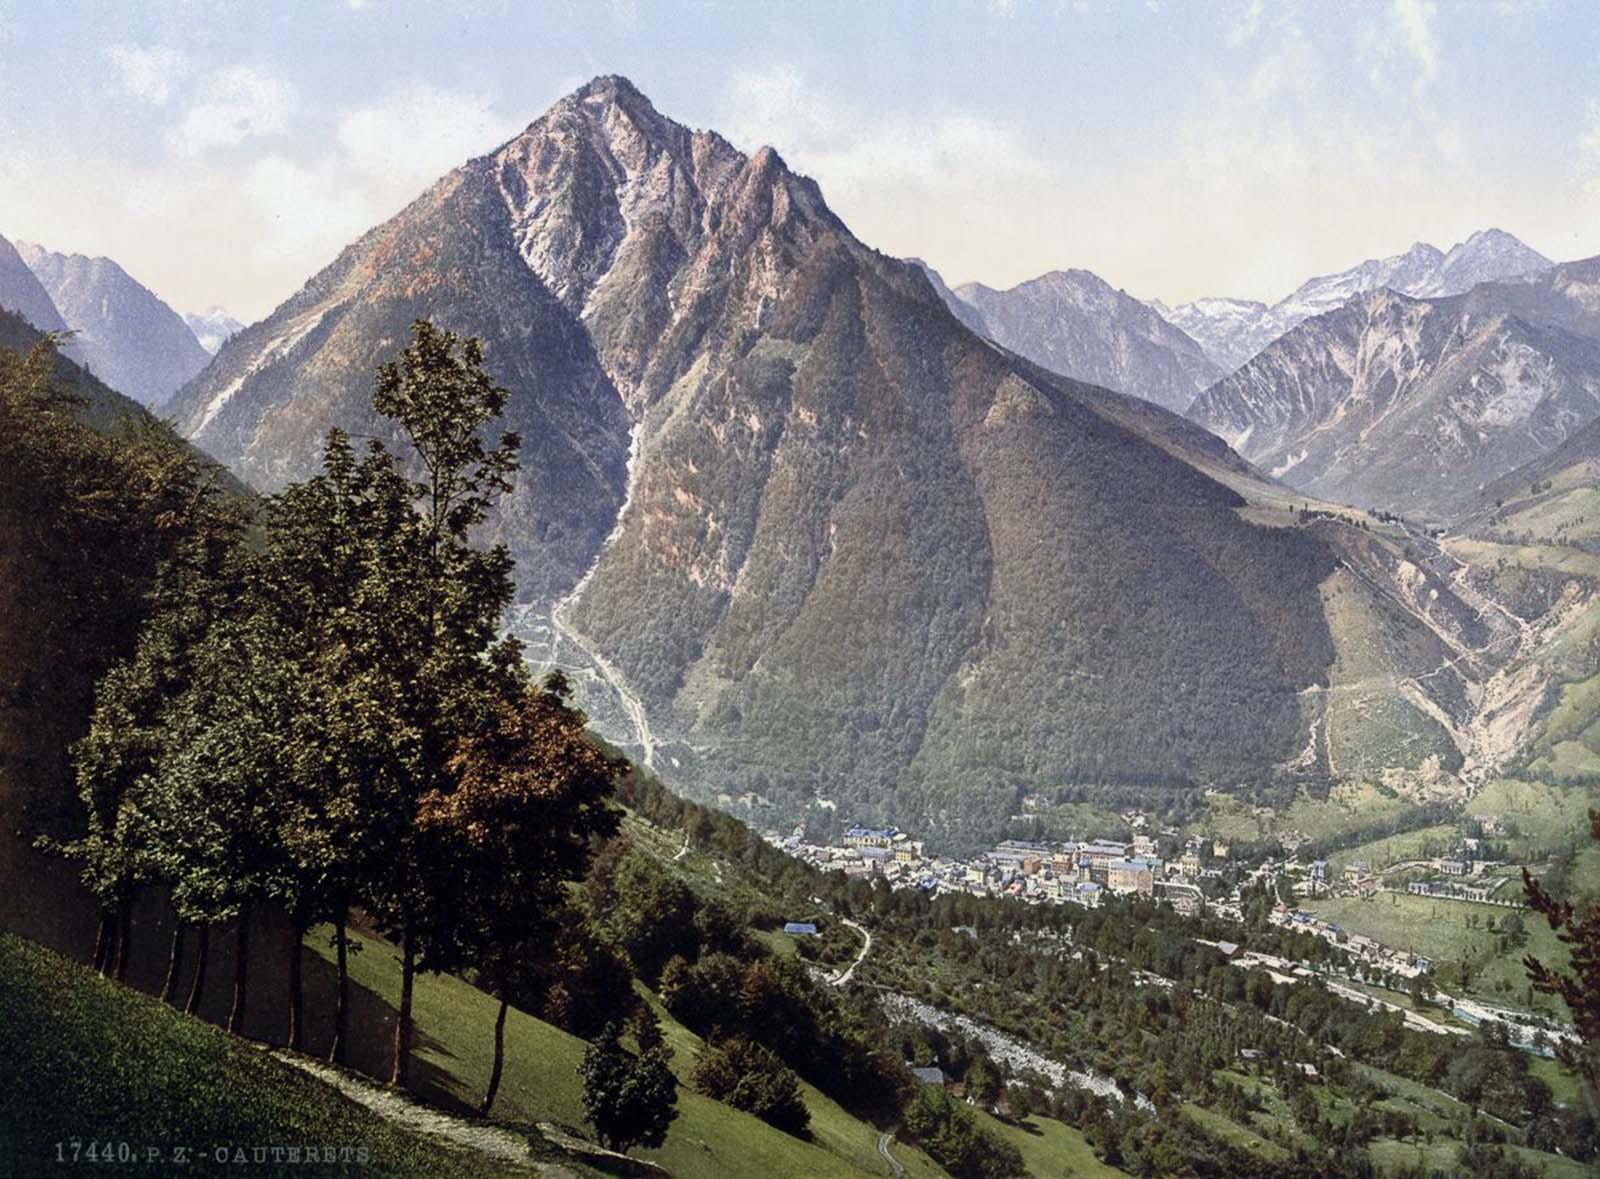 Cauterets, Pyrenees.